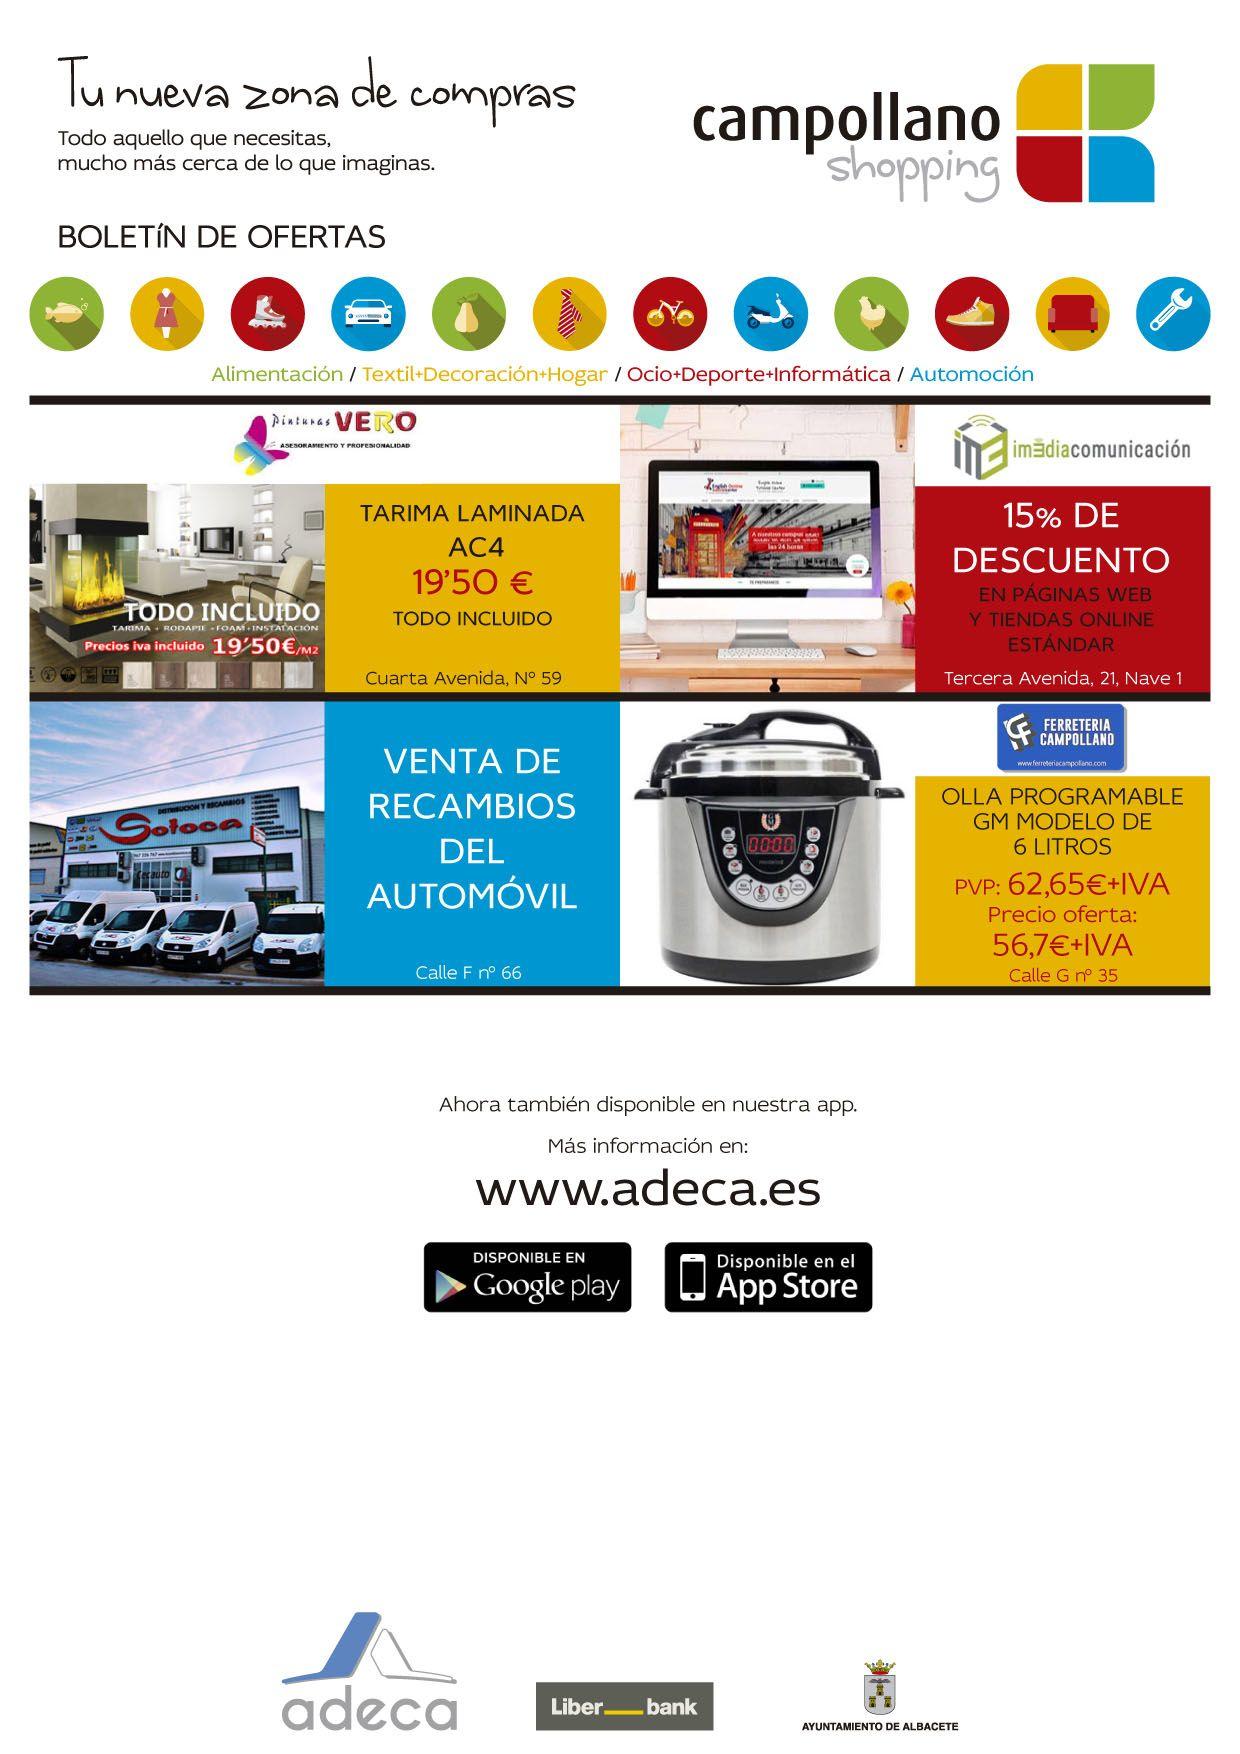 Boletín oficial de ofertas ADECA